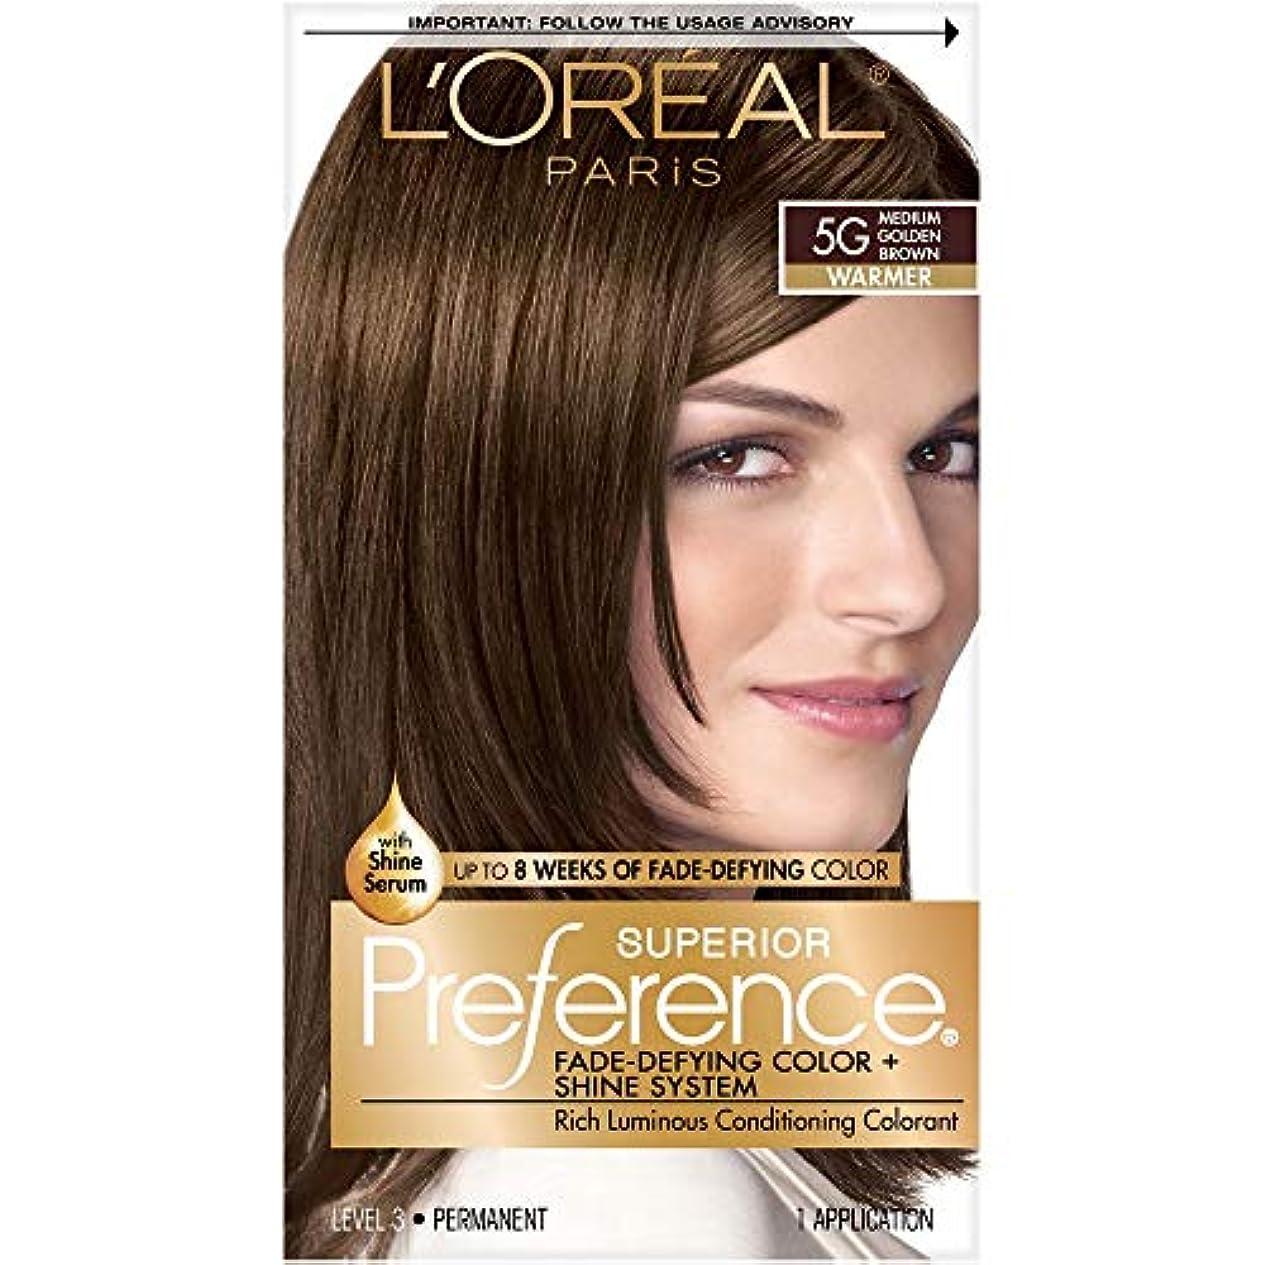 戸棚アーサー上海外直送肘 LOreal Superior Preference Hair Color 5G Medium Golden Brown, Medium Golden Brown 1 each